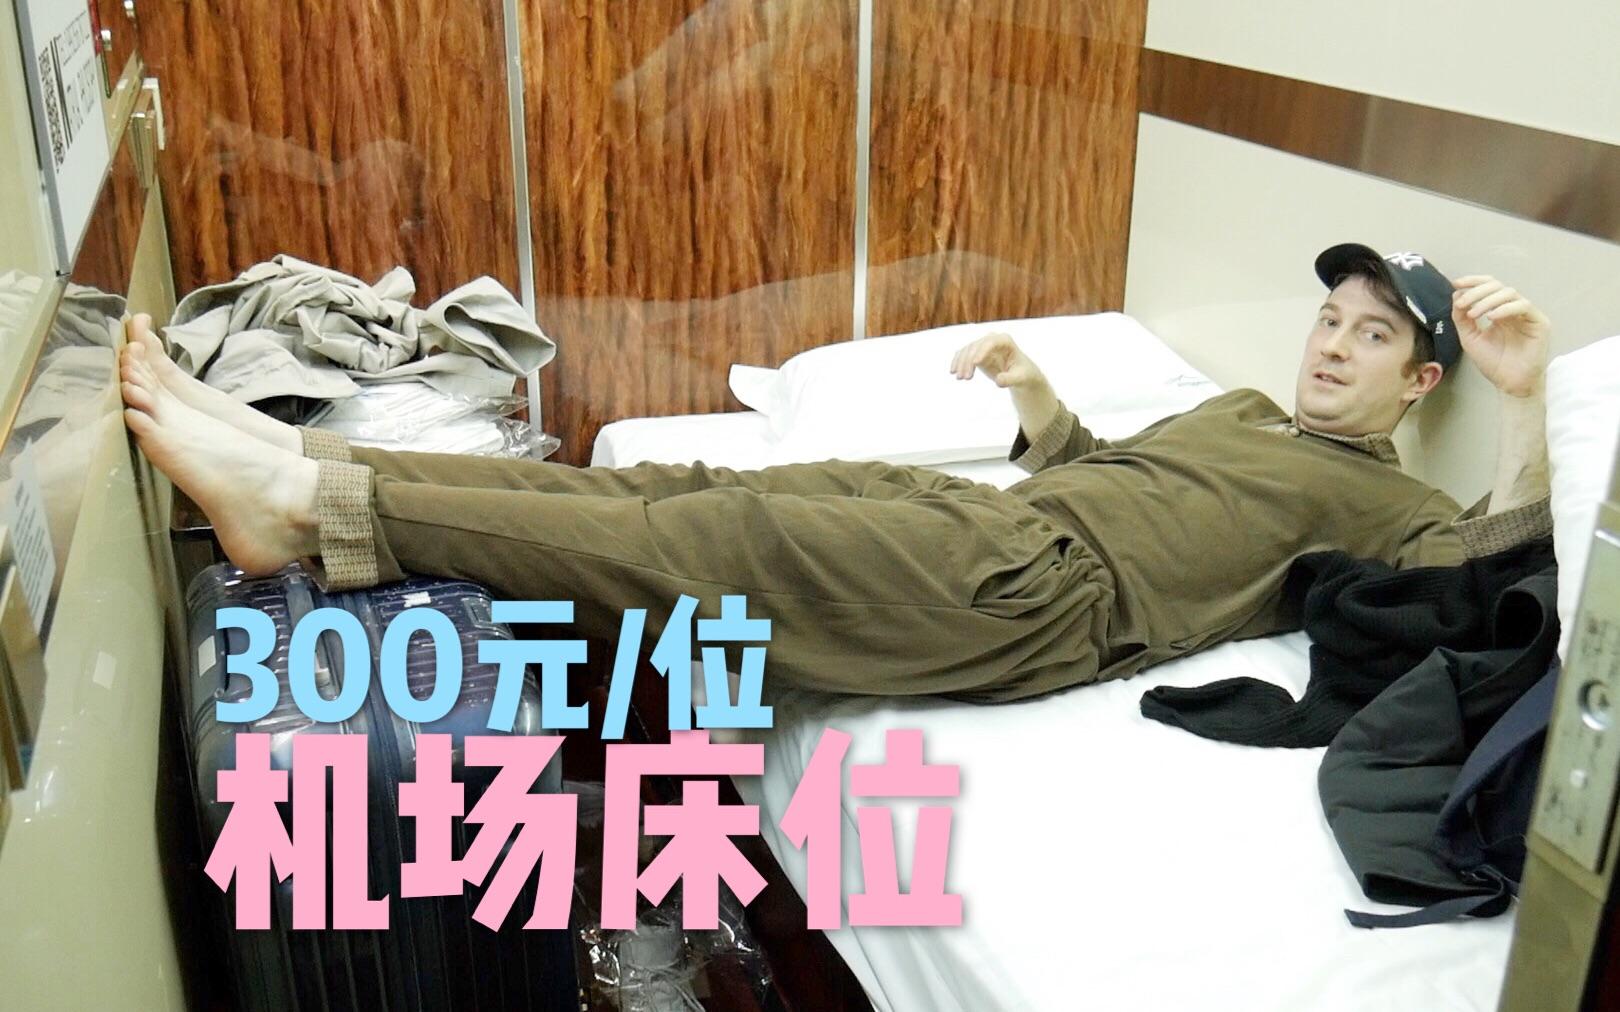 花300元在机场睡一晚,上厕所走五分钟值不值?